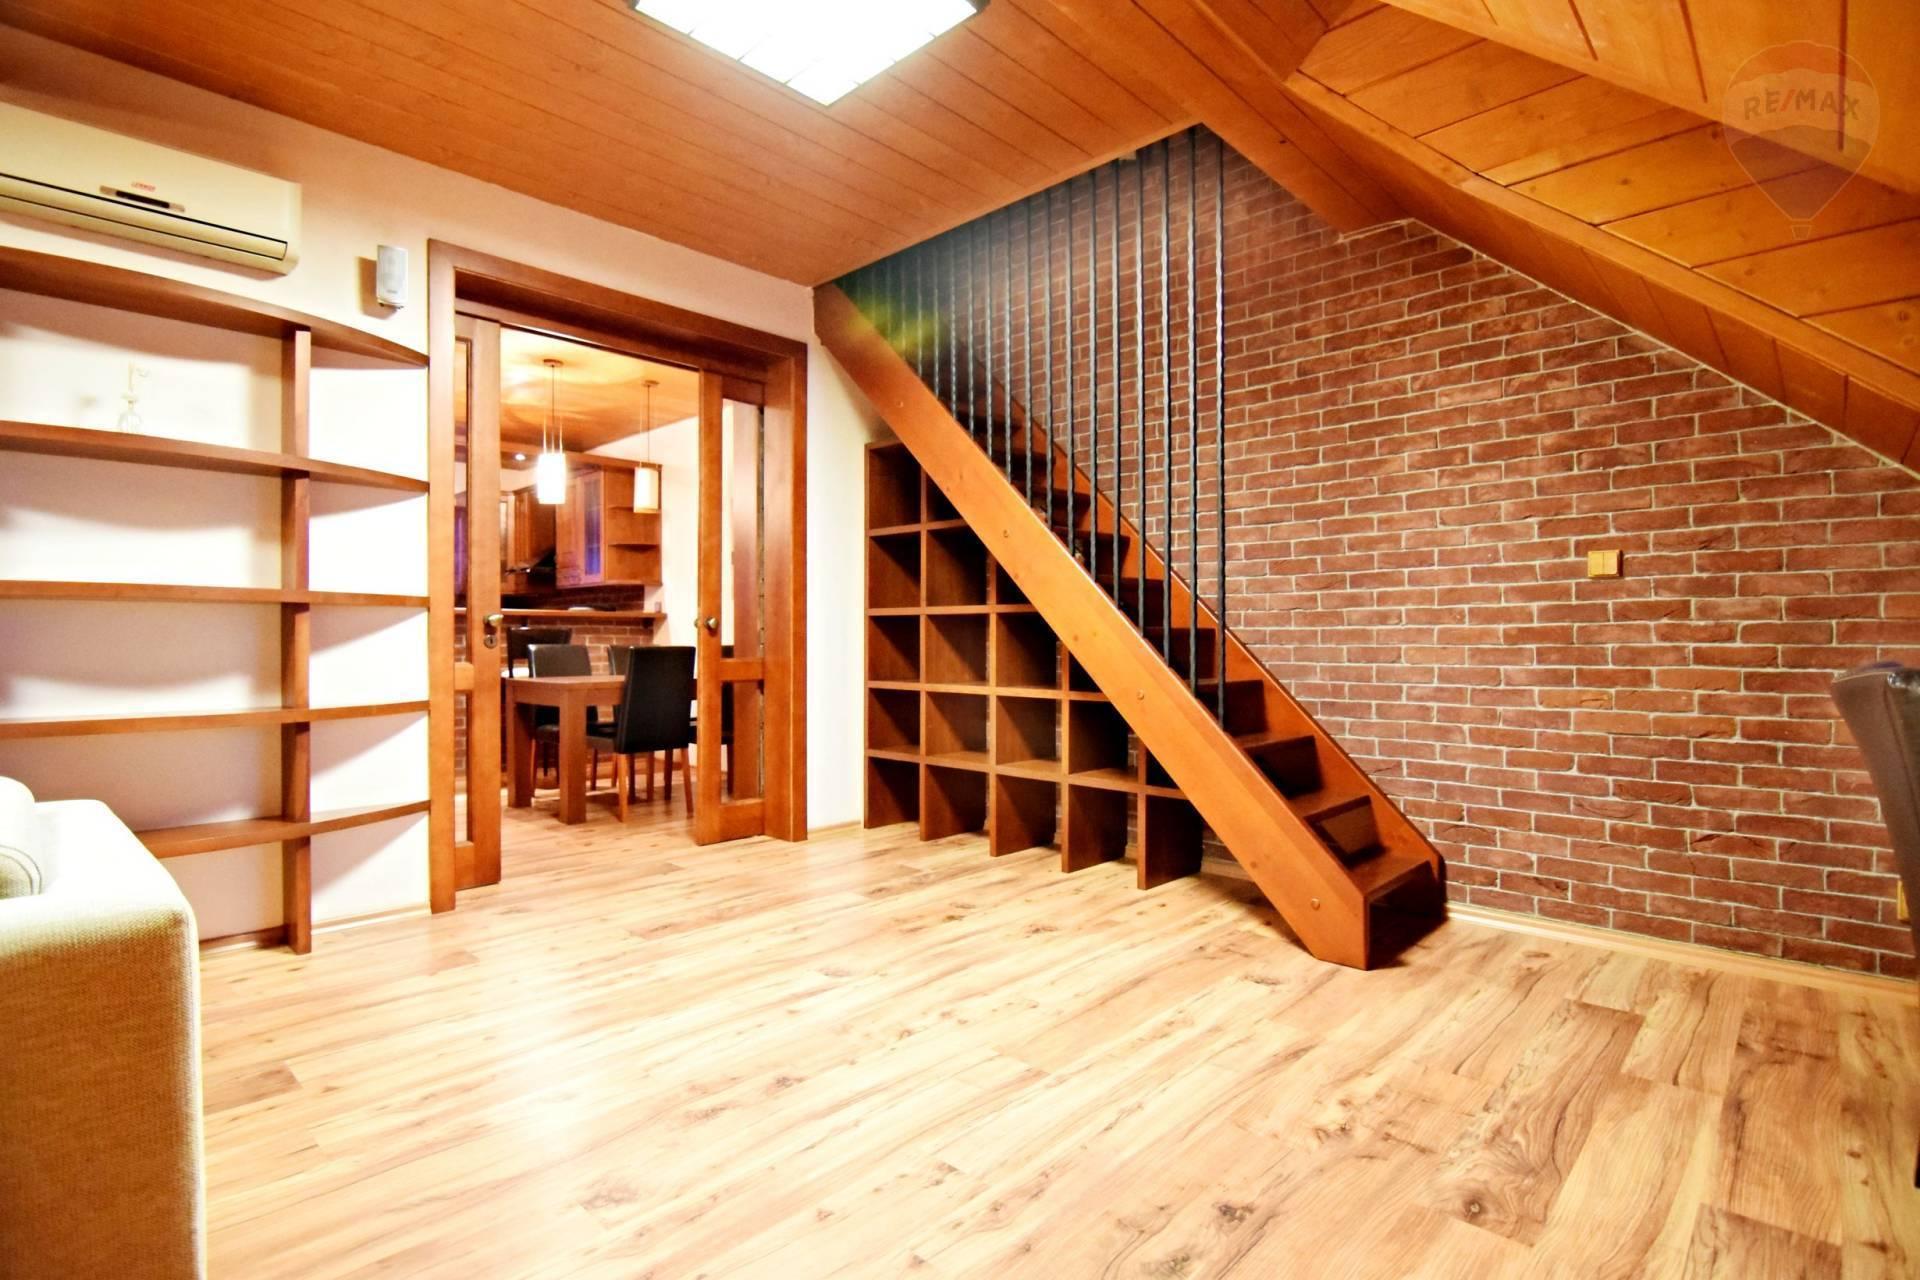 Prenájom bytu (3 izbový) 115 m2, Košice - Staré Mesto - 3 izbovy byt na prenajom Kosice